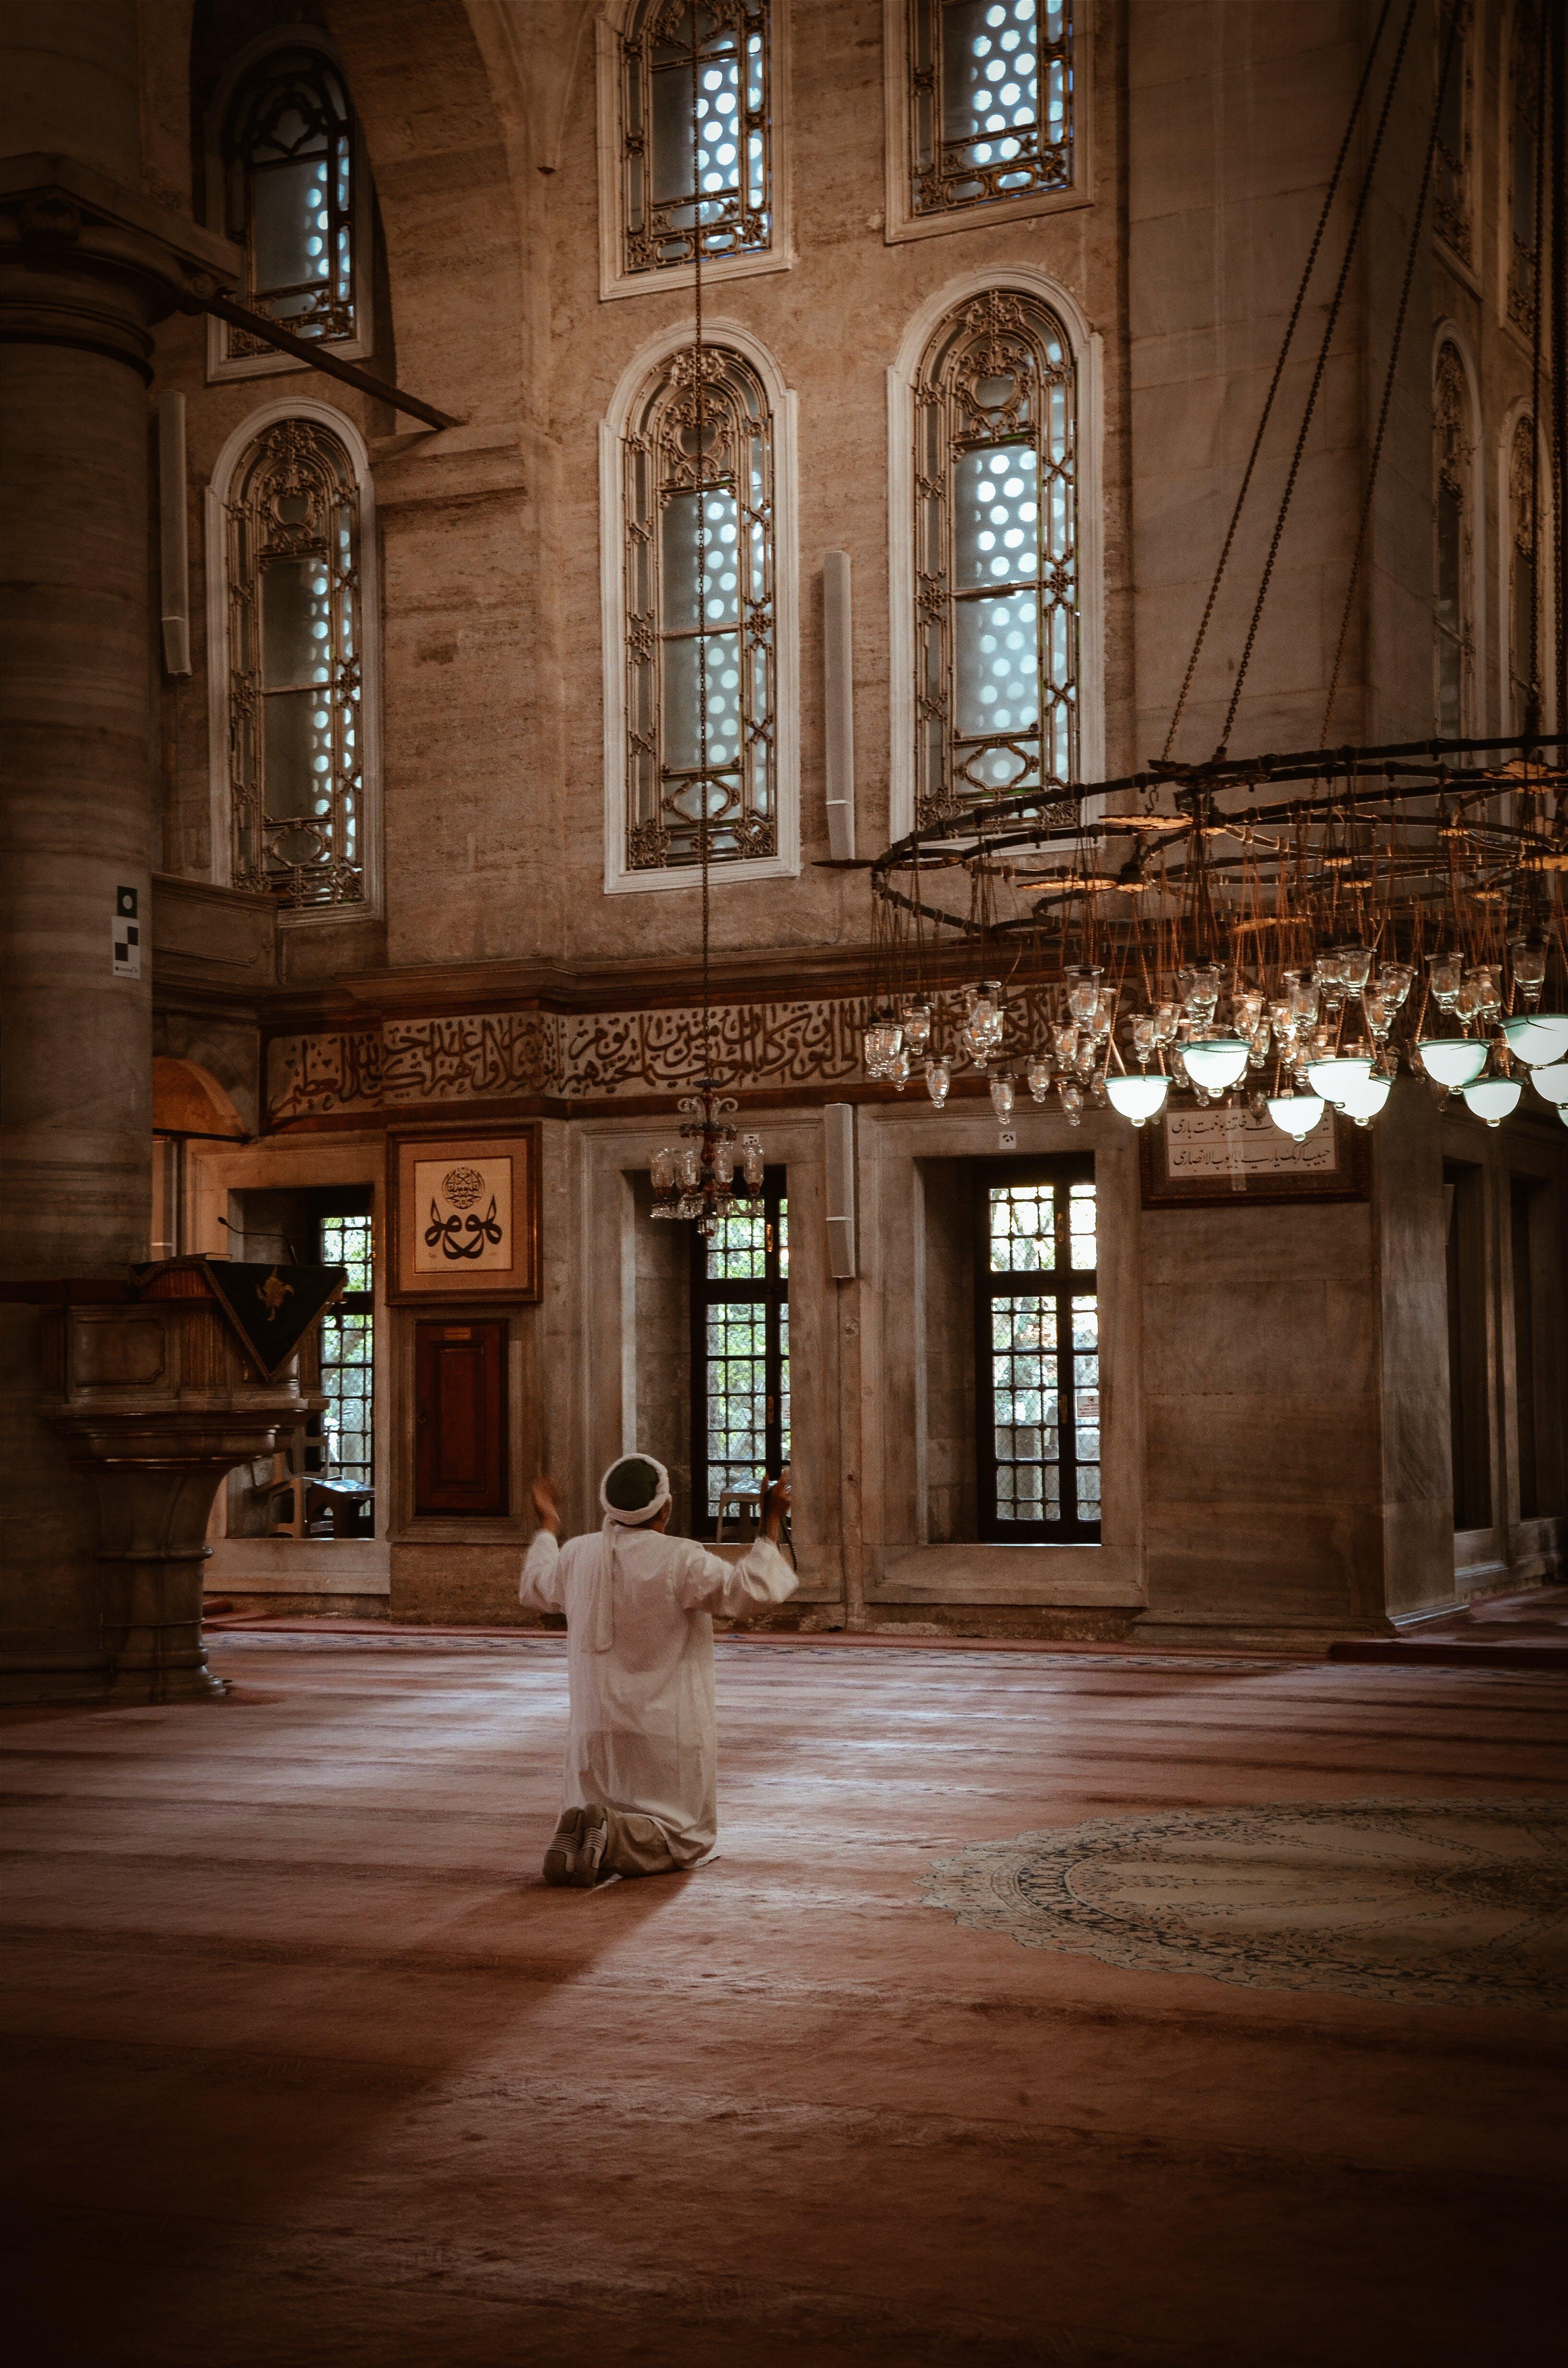 人, 信仰, 內部, 吊燈 的 免費圖庫相片